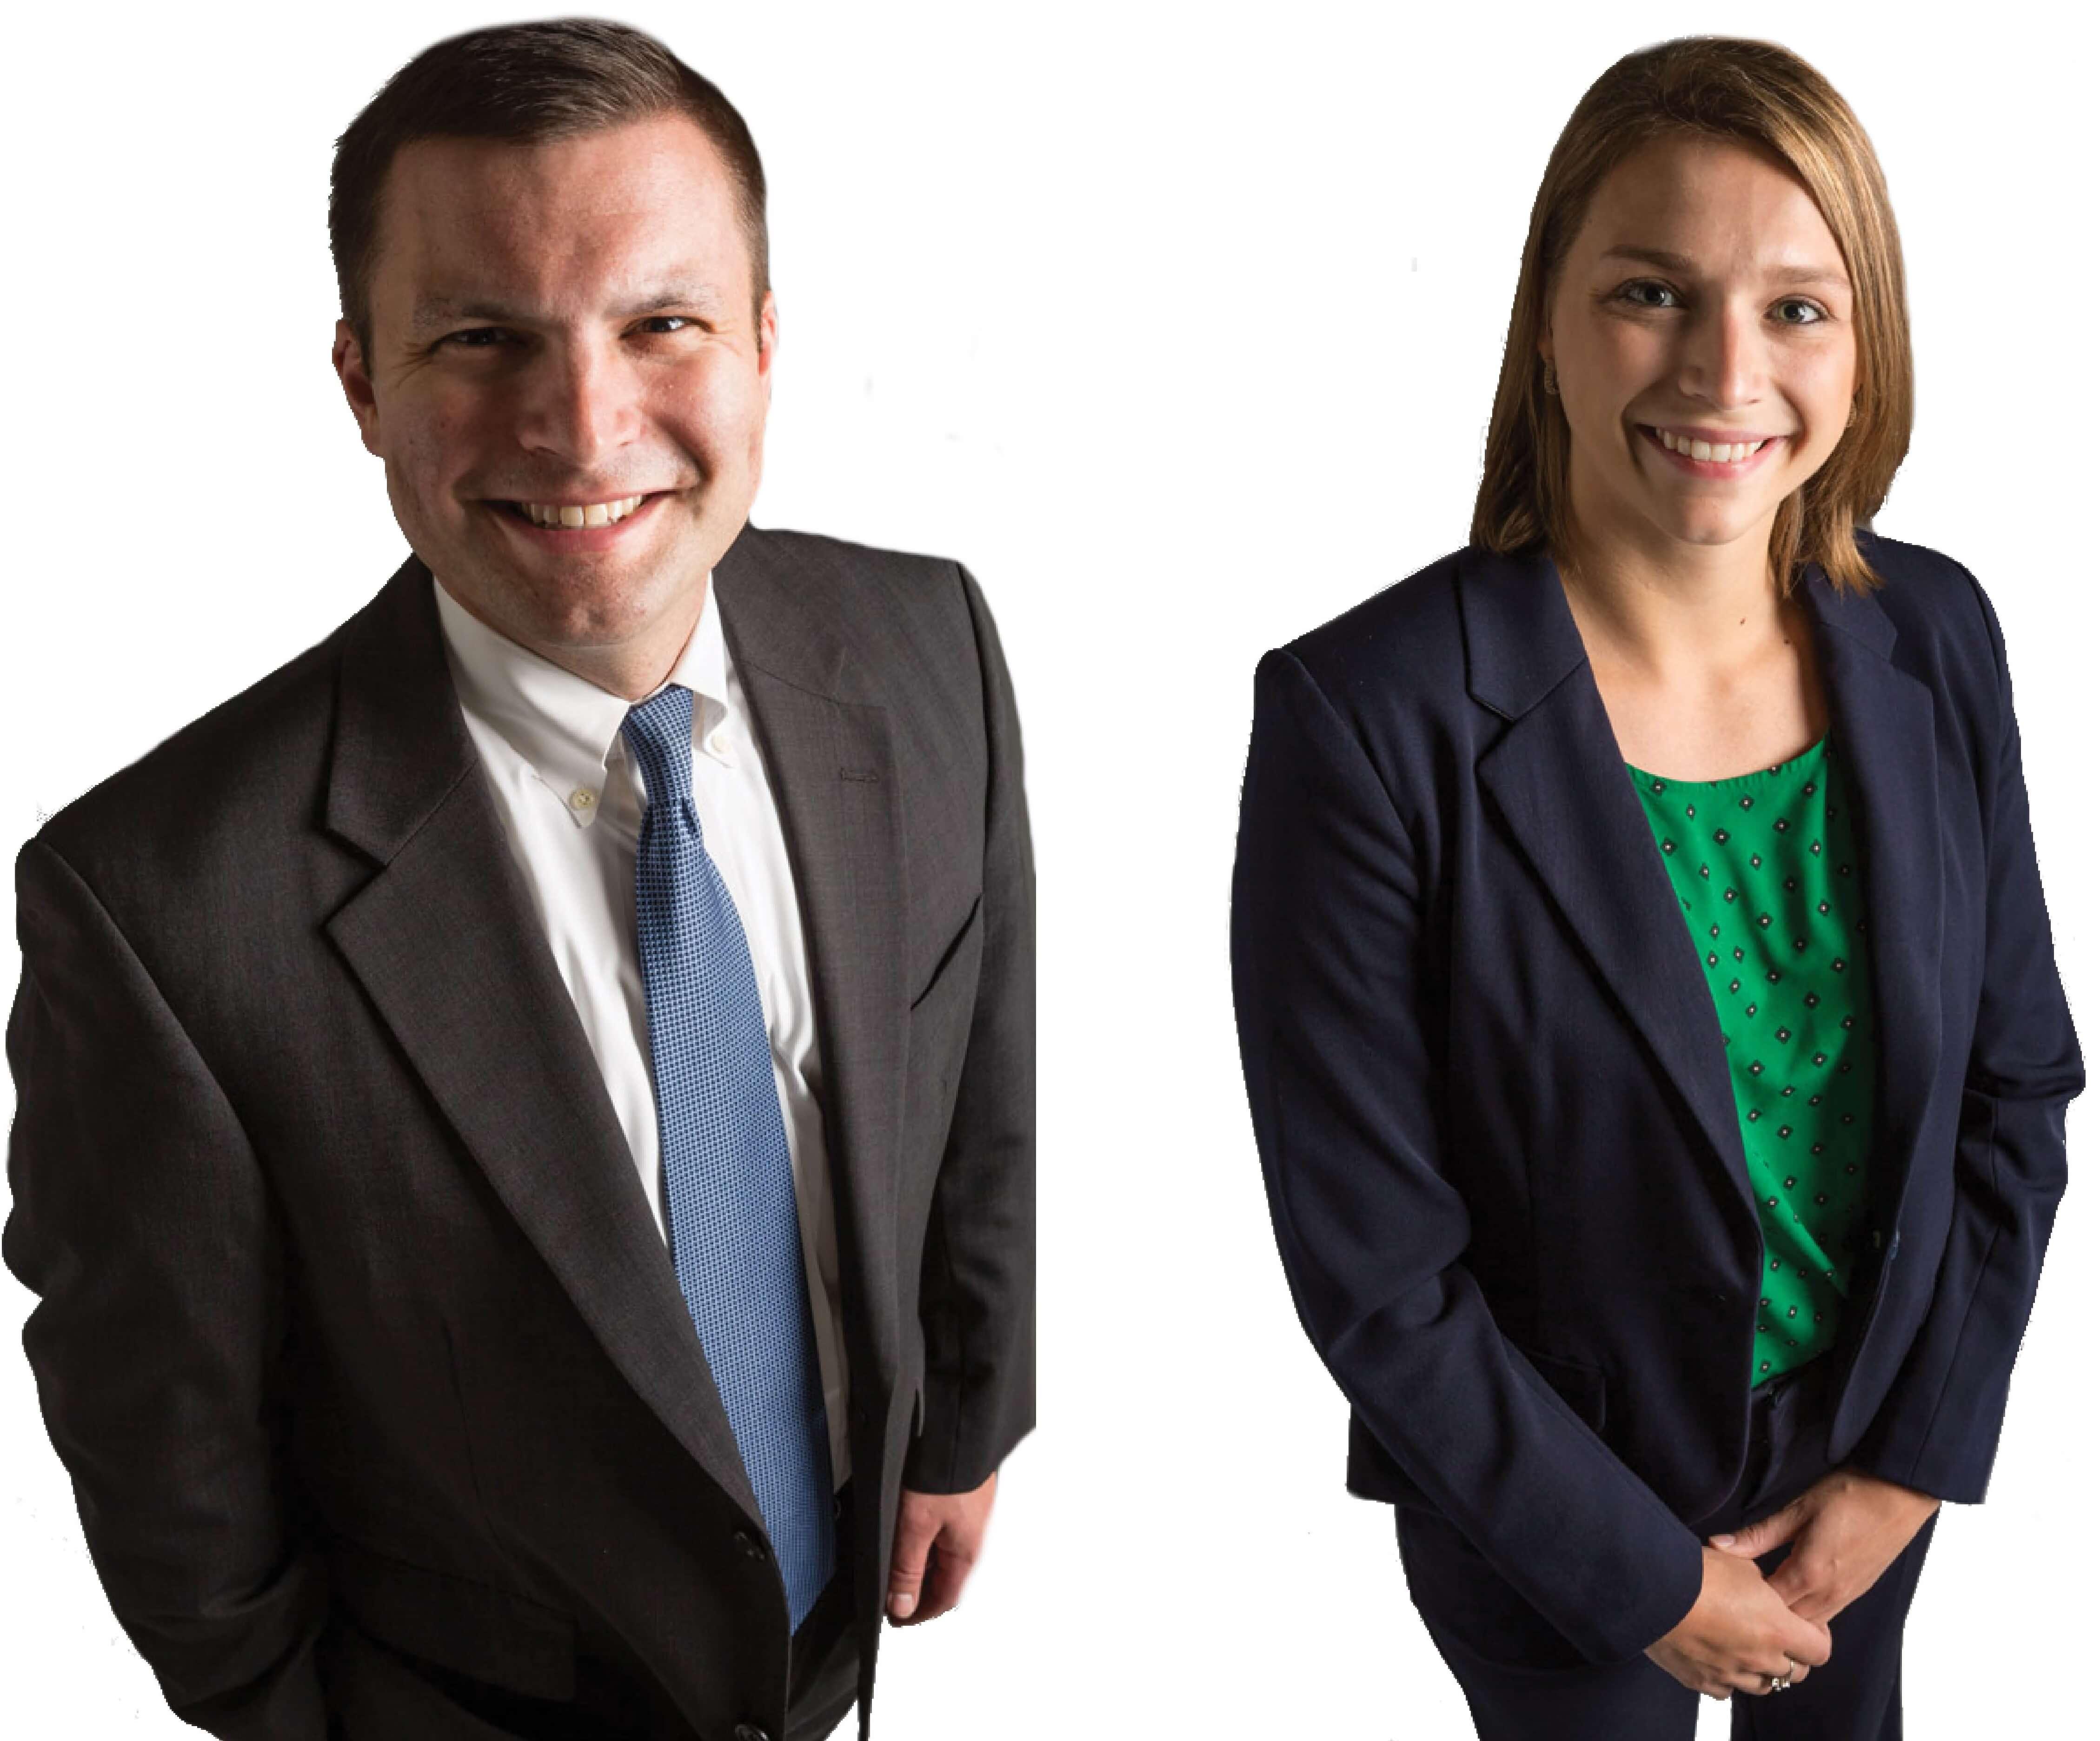 Image: Attorneys Pahowka and Hynes